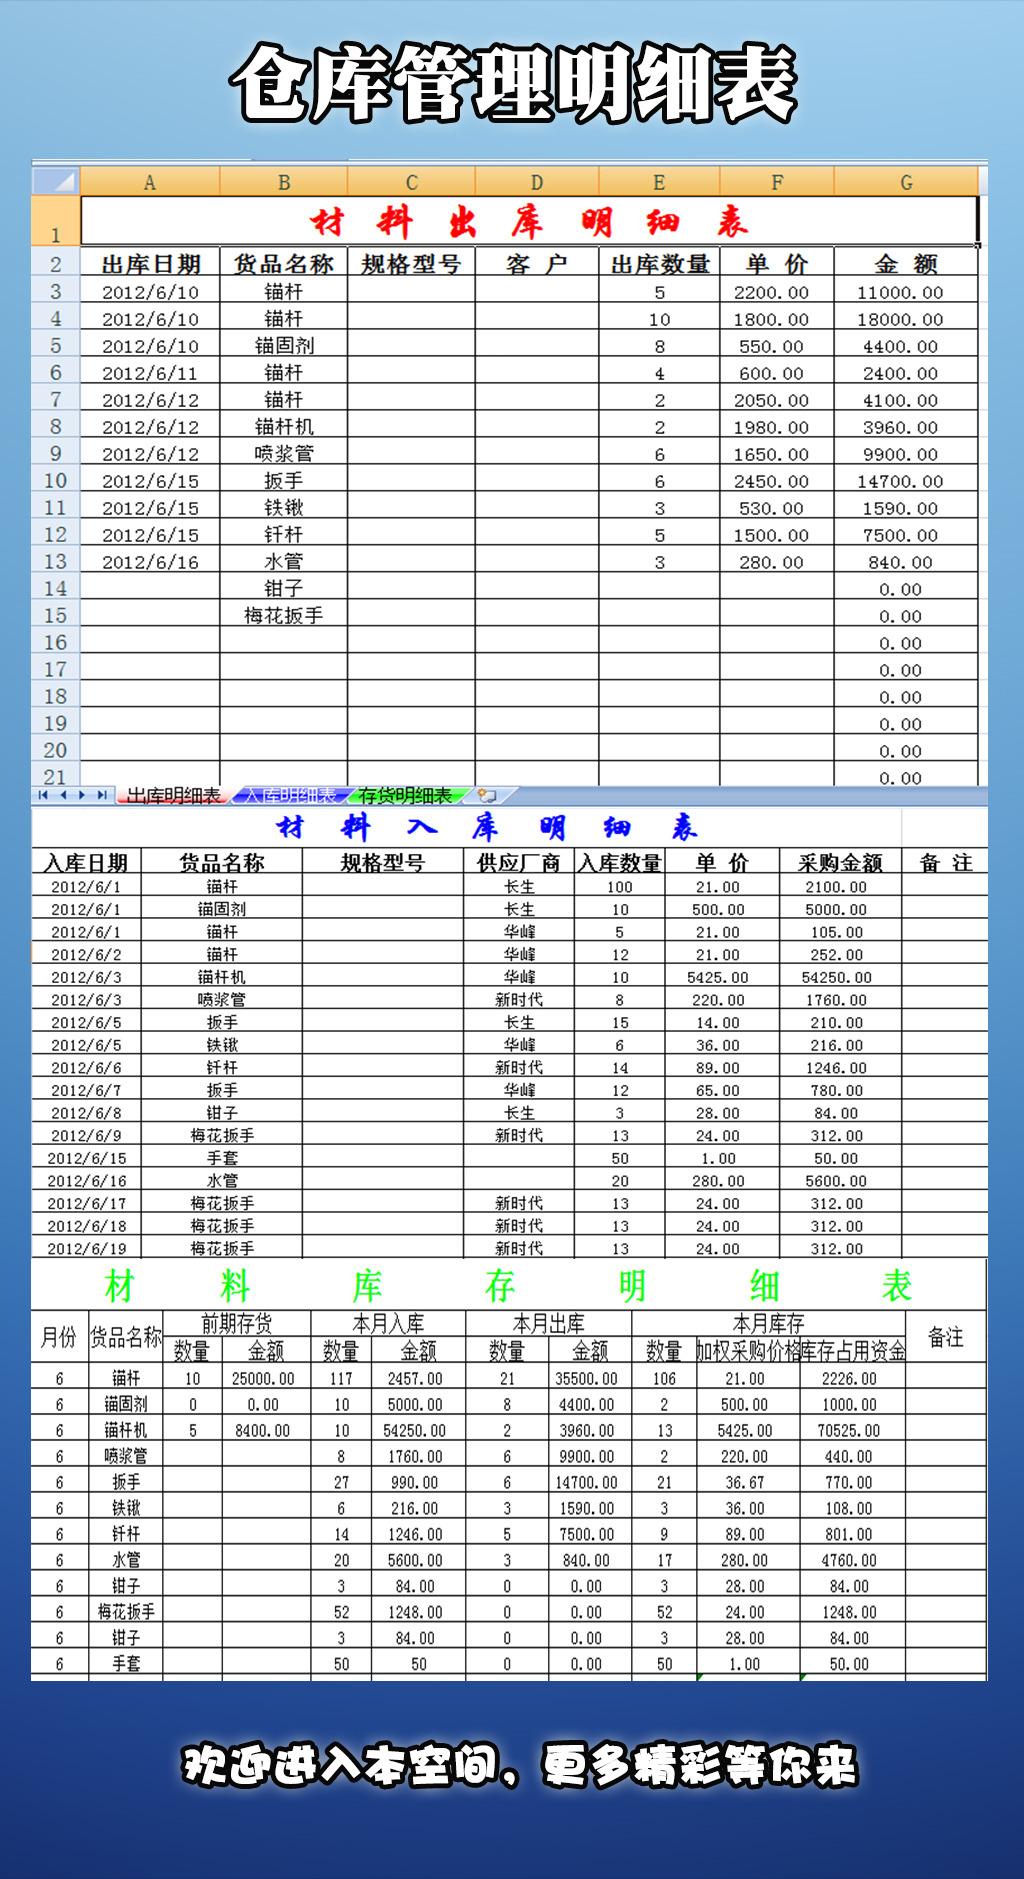 仓库管理明细表模板下载(图片编号:12260643)